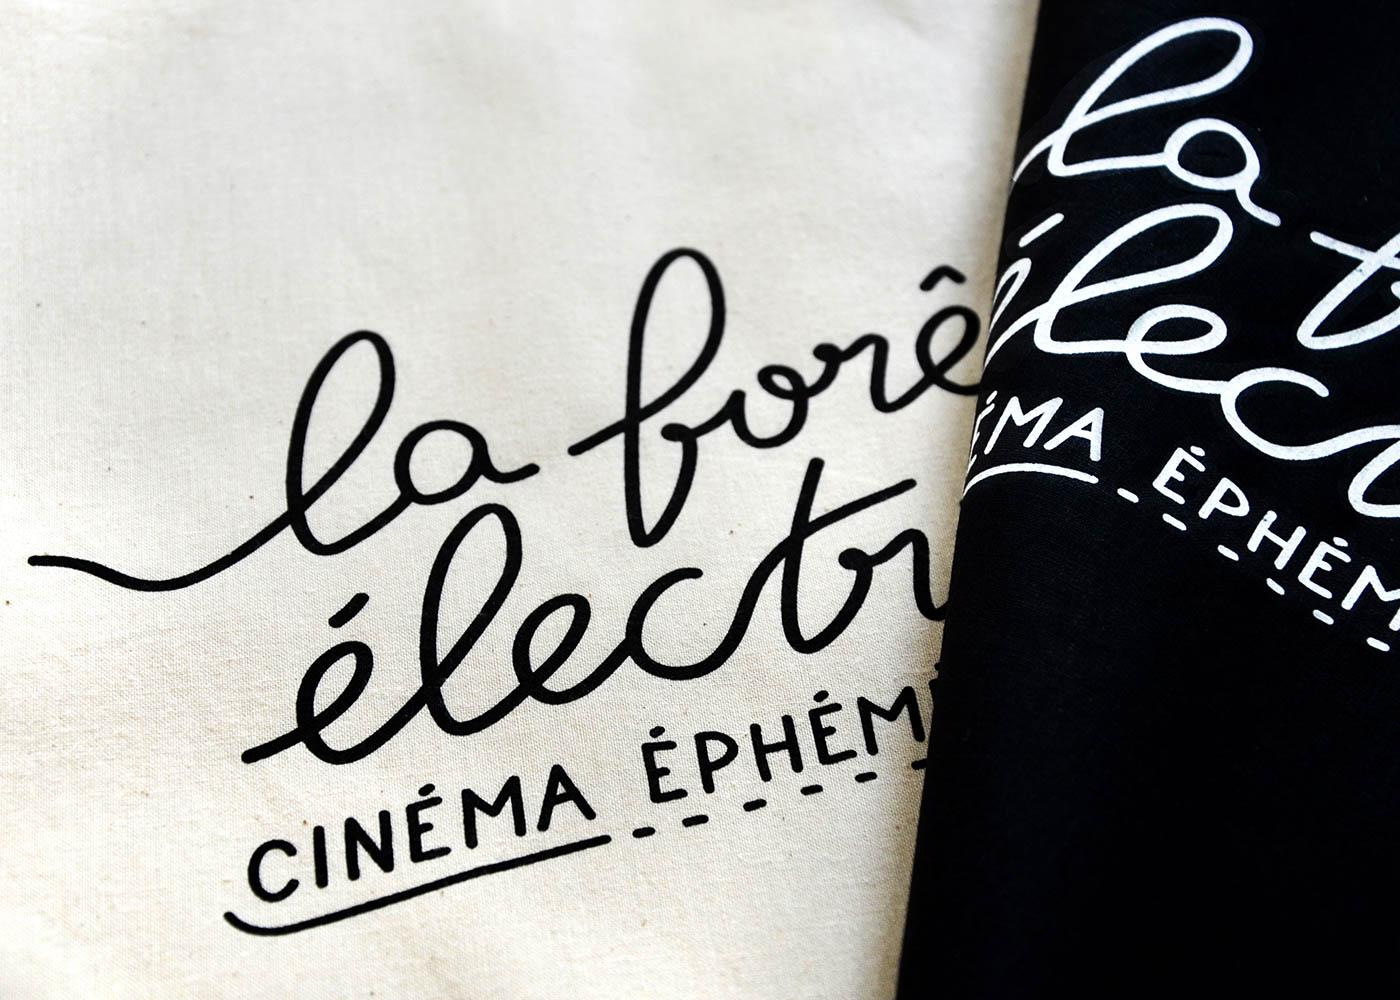 Détail des tote bags noir et couleur naturel avec la typographie imprimée en sérigraphie par Superfruit pour la Foret Electrique